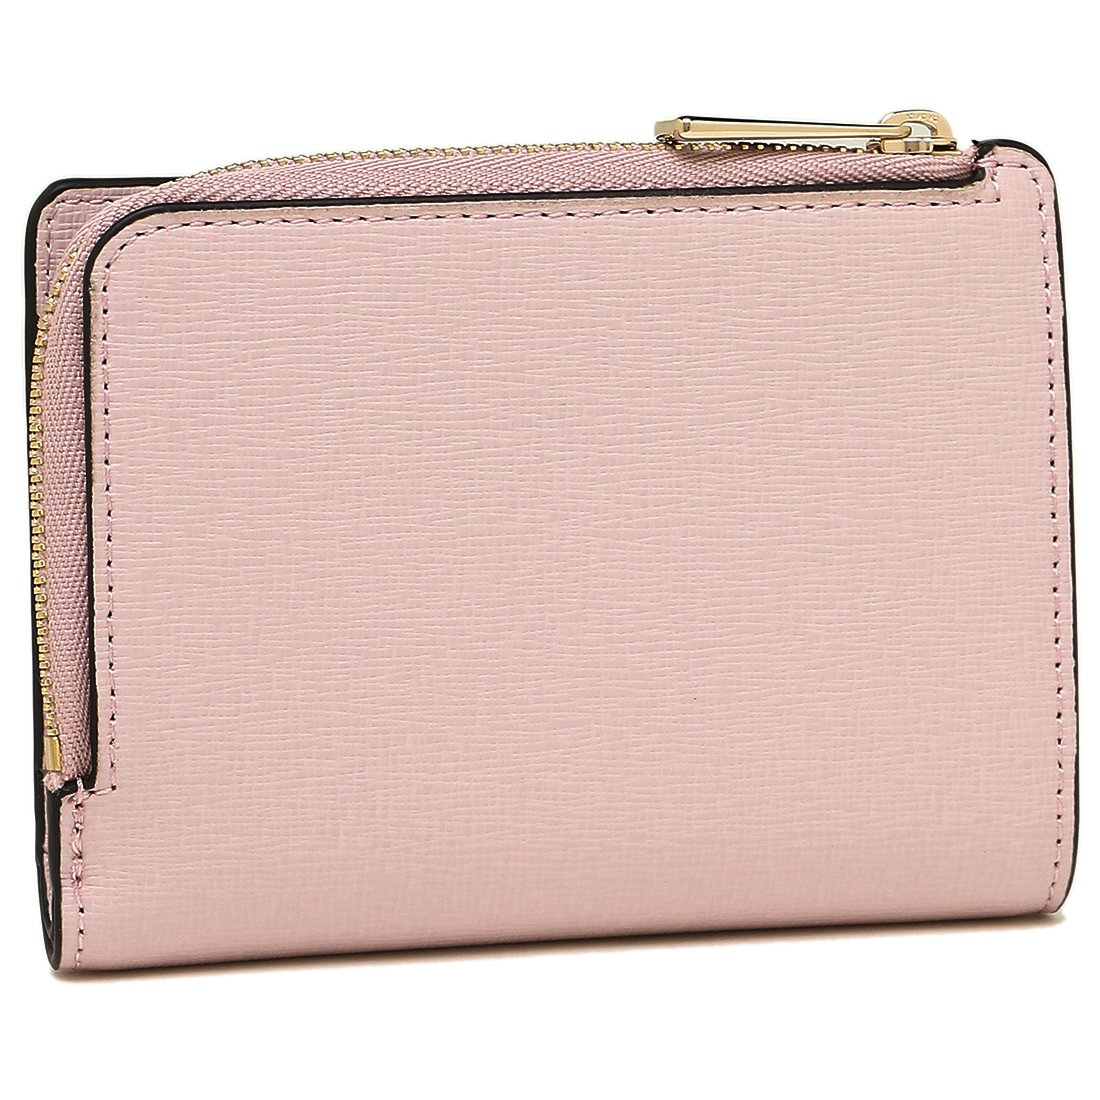 c311d6e4f909 Amazon | [フルラ] 折財布 レディース FURLA 963472 PU75 B30 LC4 ピンク [並行輸入品] | 財布